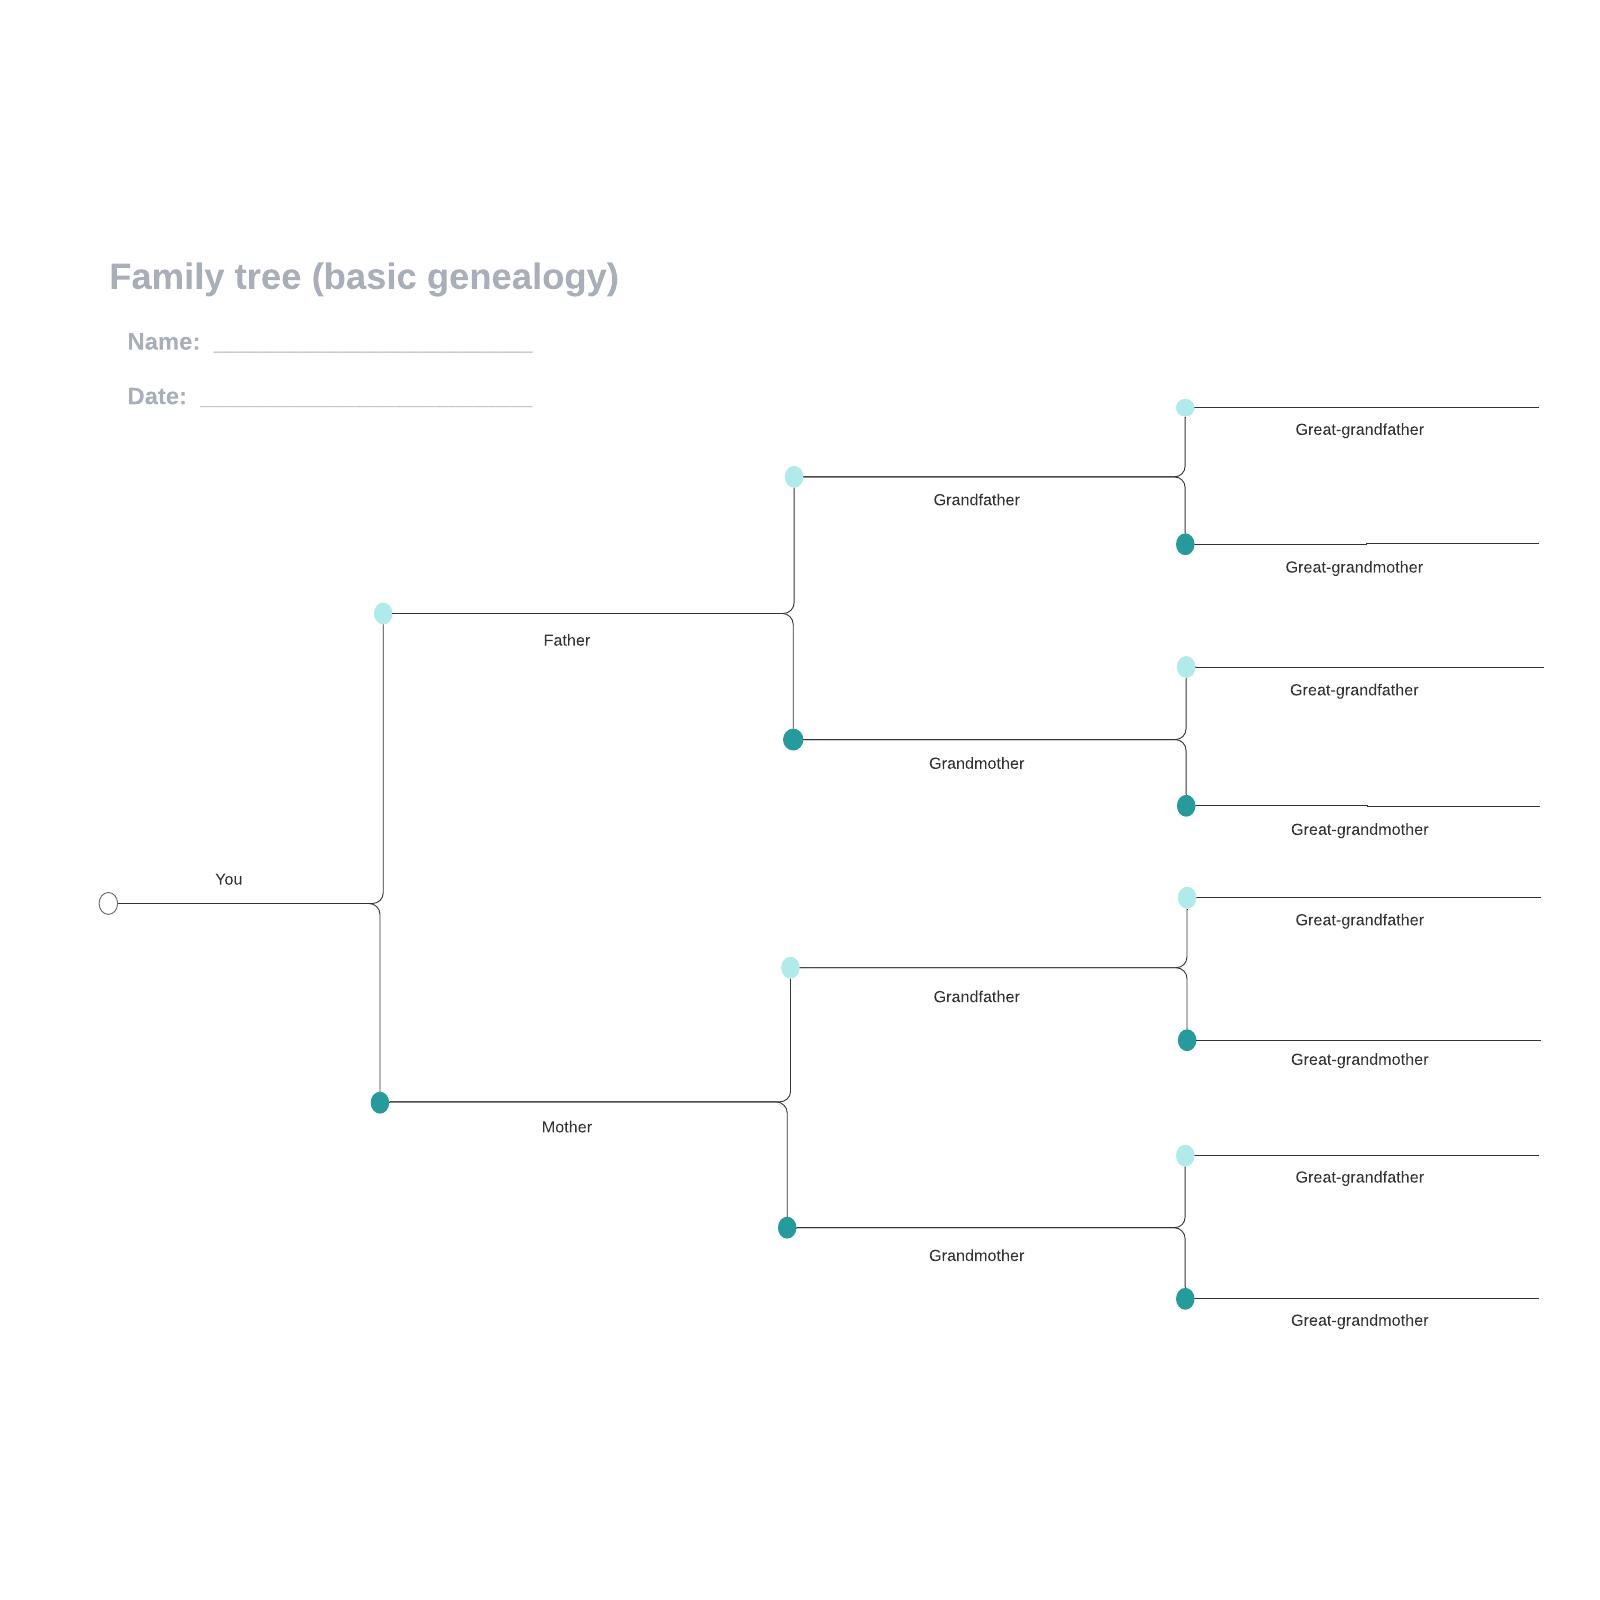 Family tree (basic genealogy)